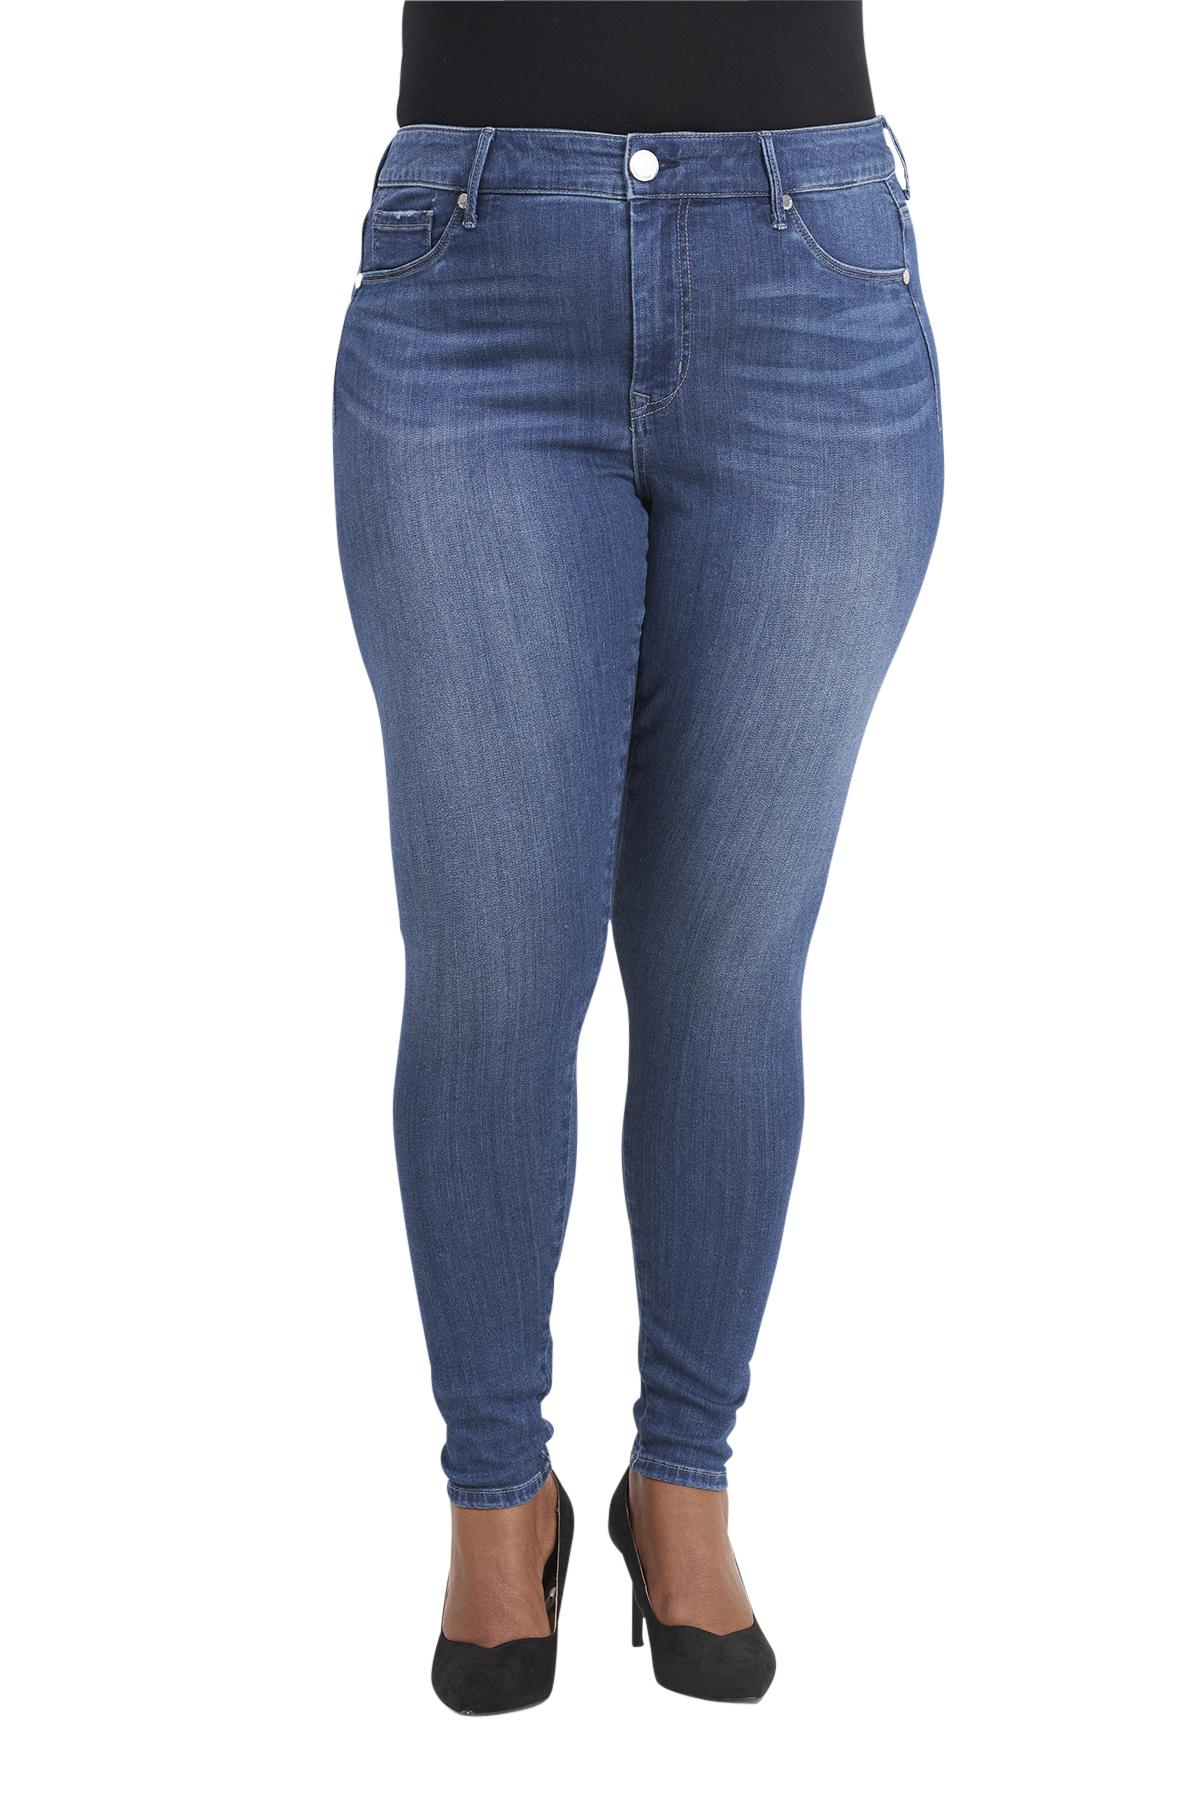 Seven7 Jeans Seamless Legging